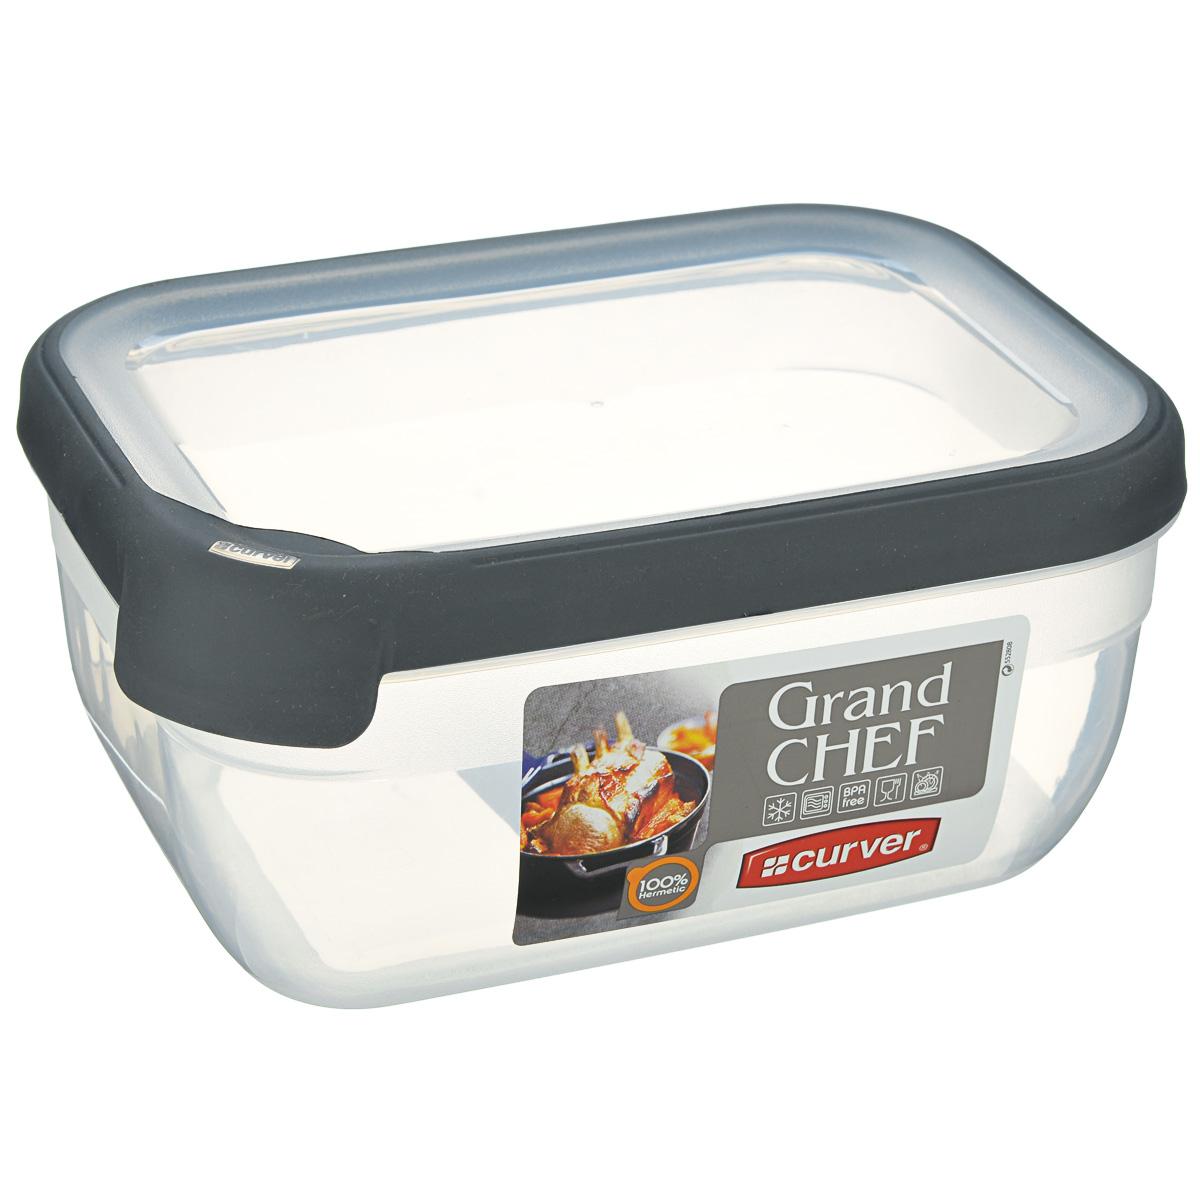 Емкость для заморозки и СВЧ Curver Grand Chef, цвет: прозрачный, серый, 1,8 л контейнер для продуктов curver grand chef 2 6 л серая крышка